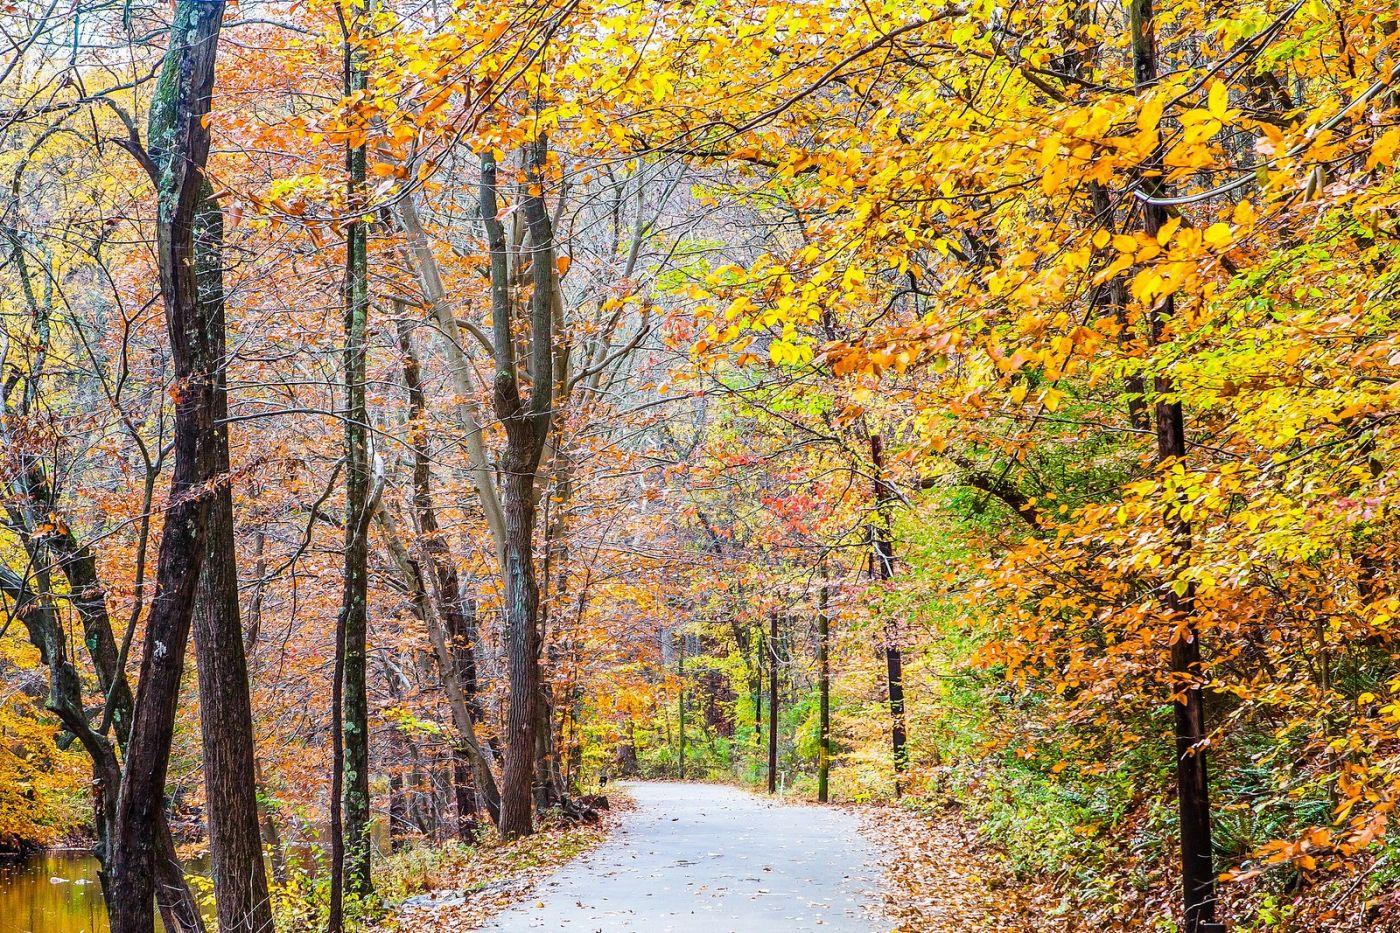 宾州雷德利克里克公园(Ridley creek park),迷人的秋色_图1-26